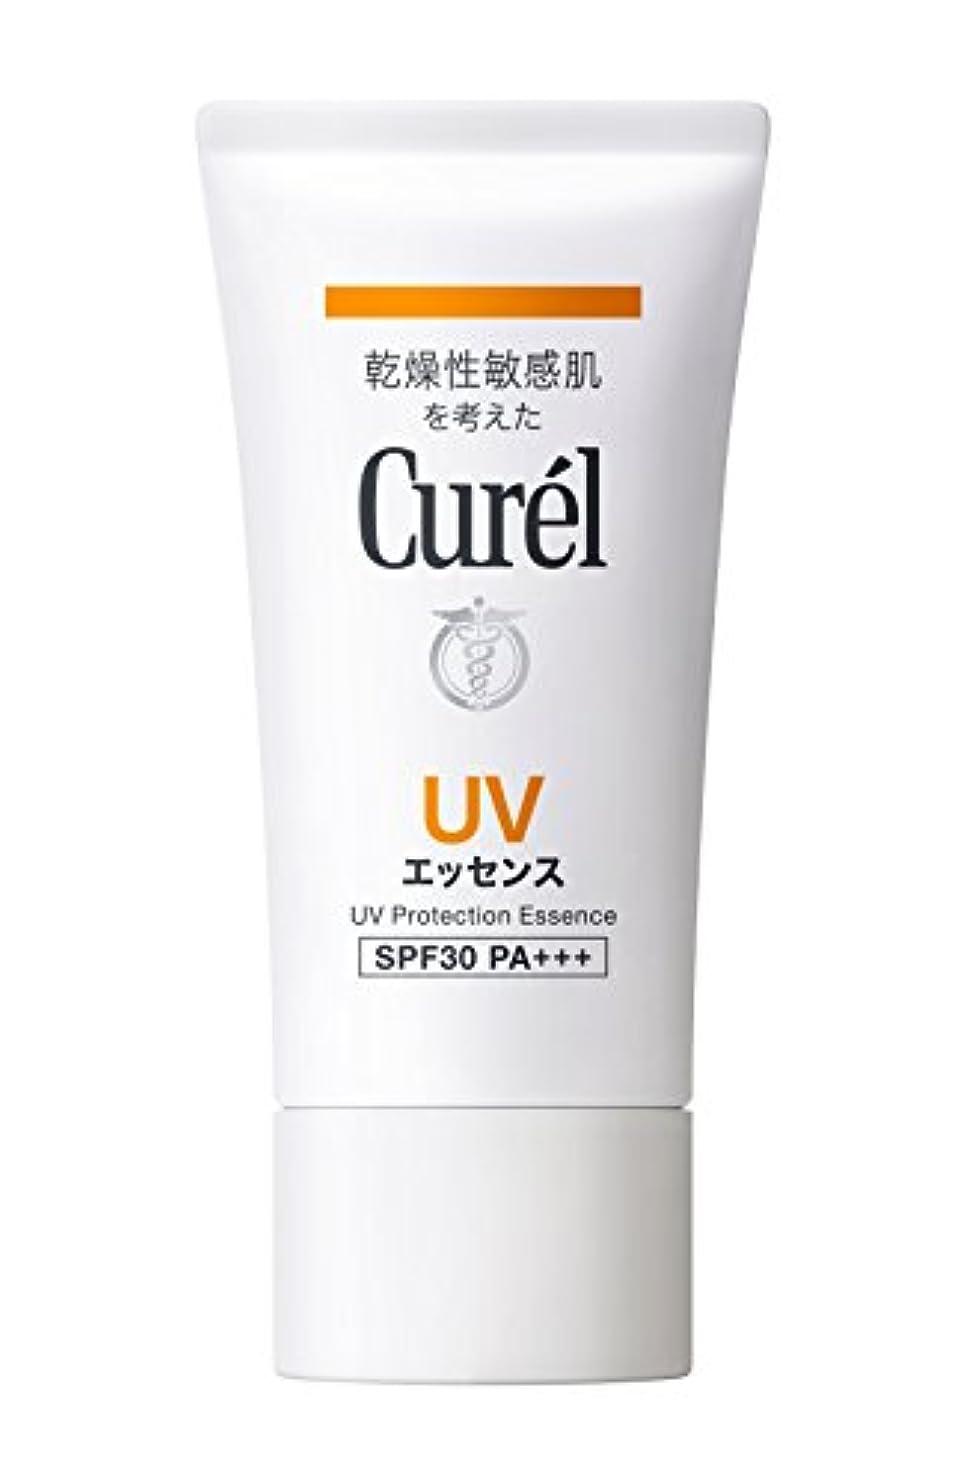 誘惑光沢吸収するキュレル UVエッセンス SPF30 50g(赤ちゃんにも使えます)